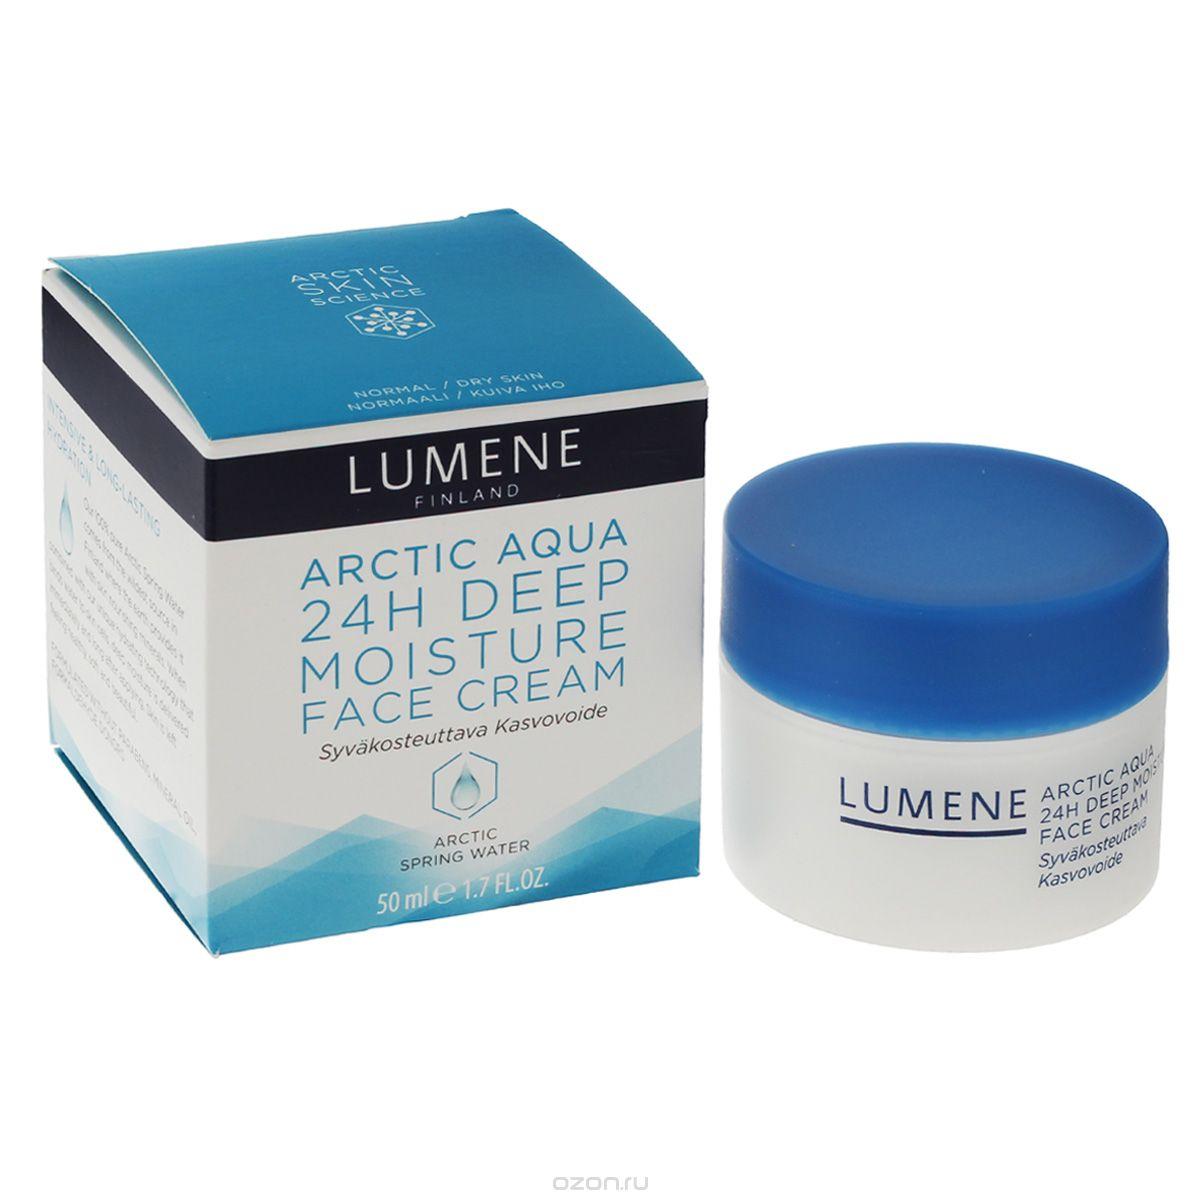 Интенсивный увлажняющий крем Lumene Arctic Aqua